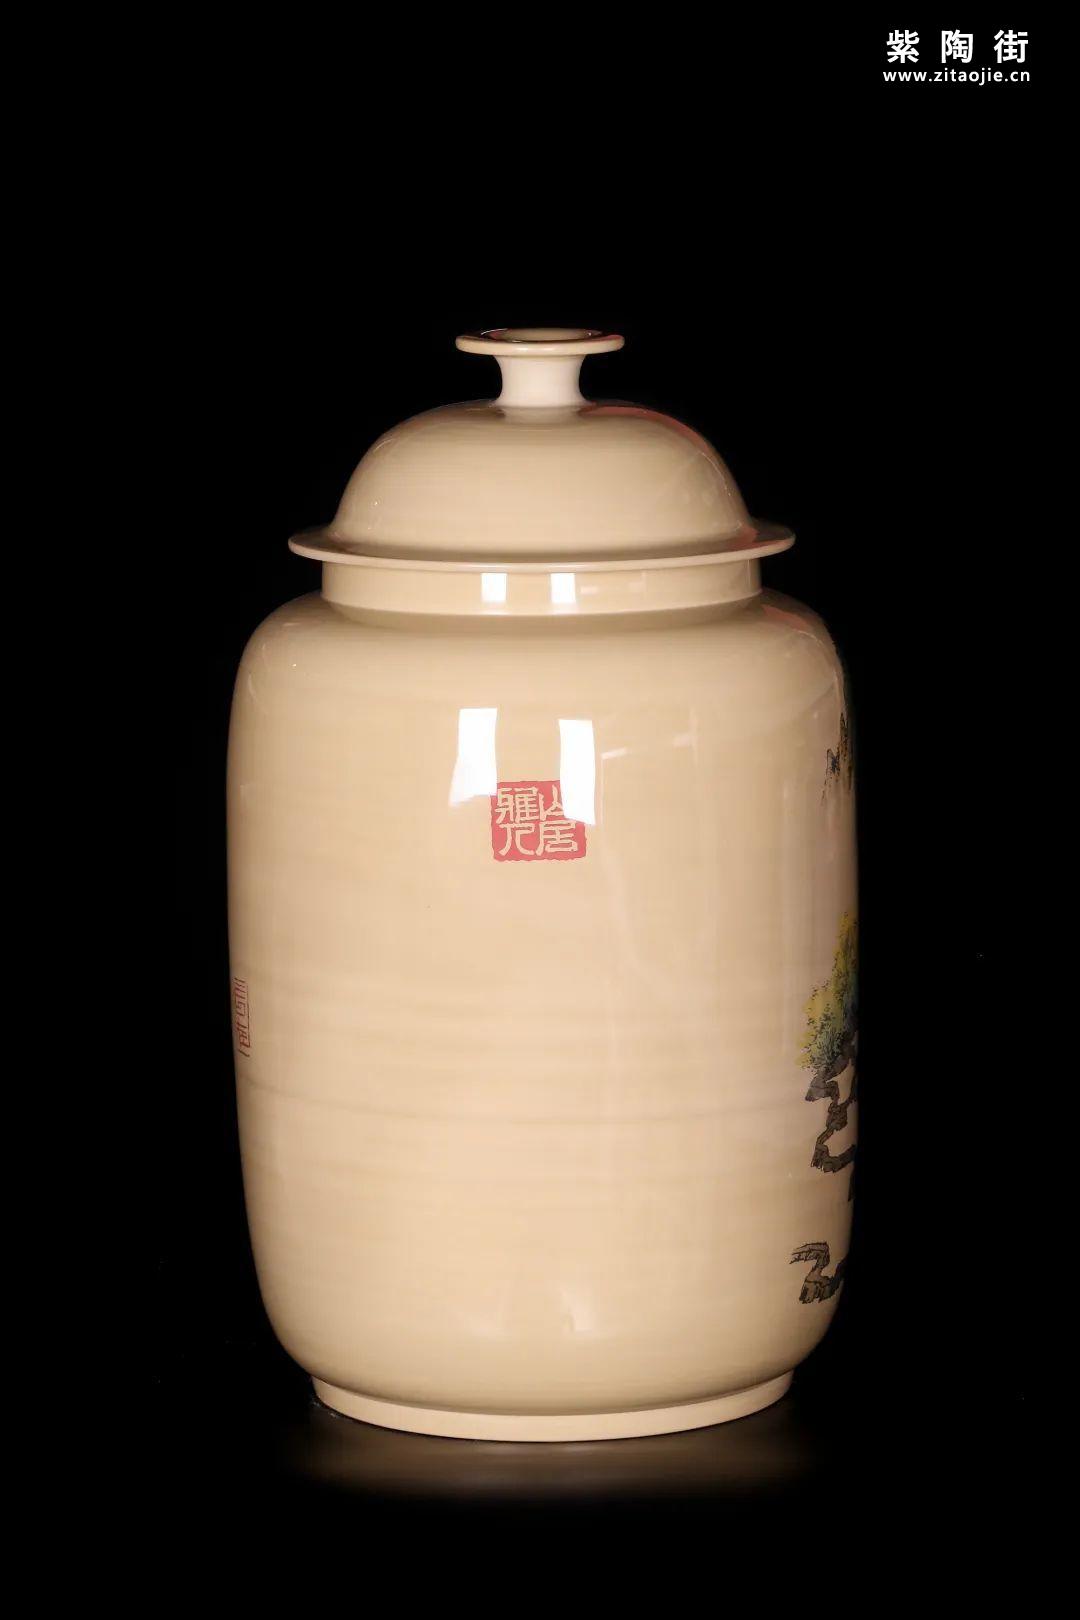 廖建忠、廖渊涵的青绿山水装饰紫陶缸插图13